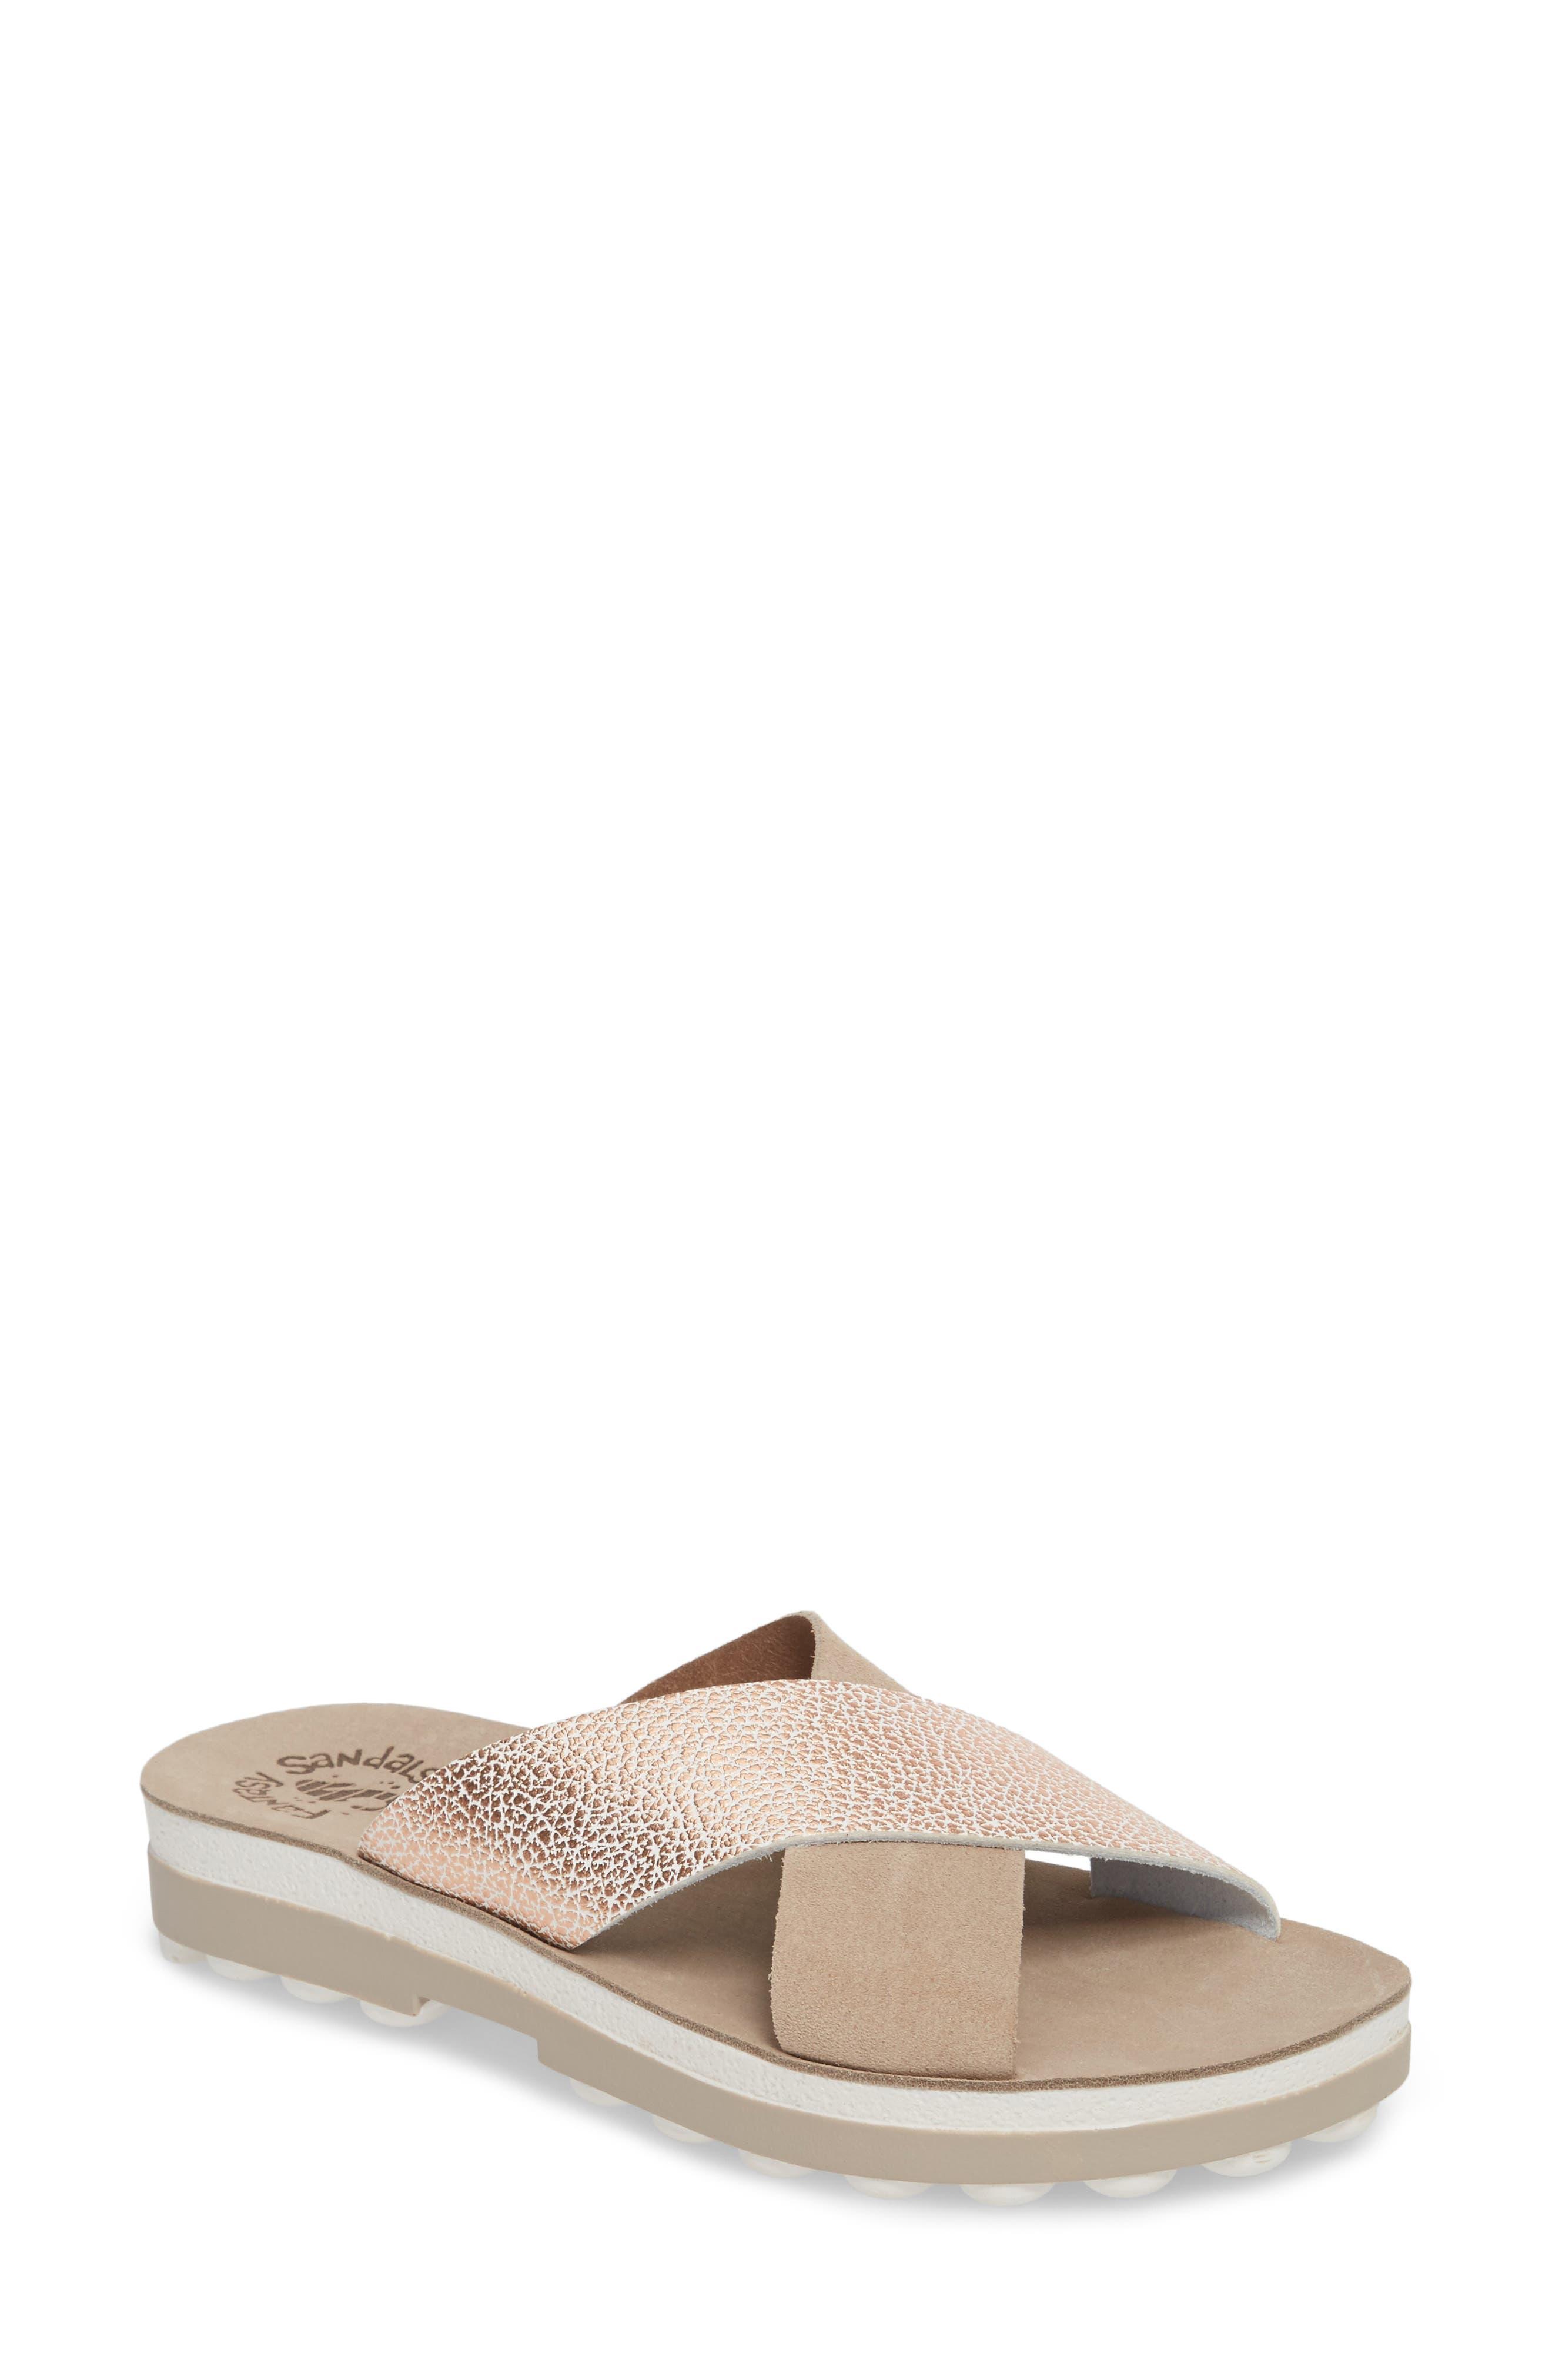 Charis Slide Sandal